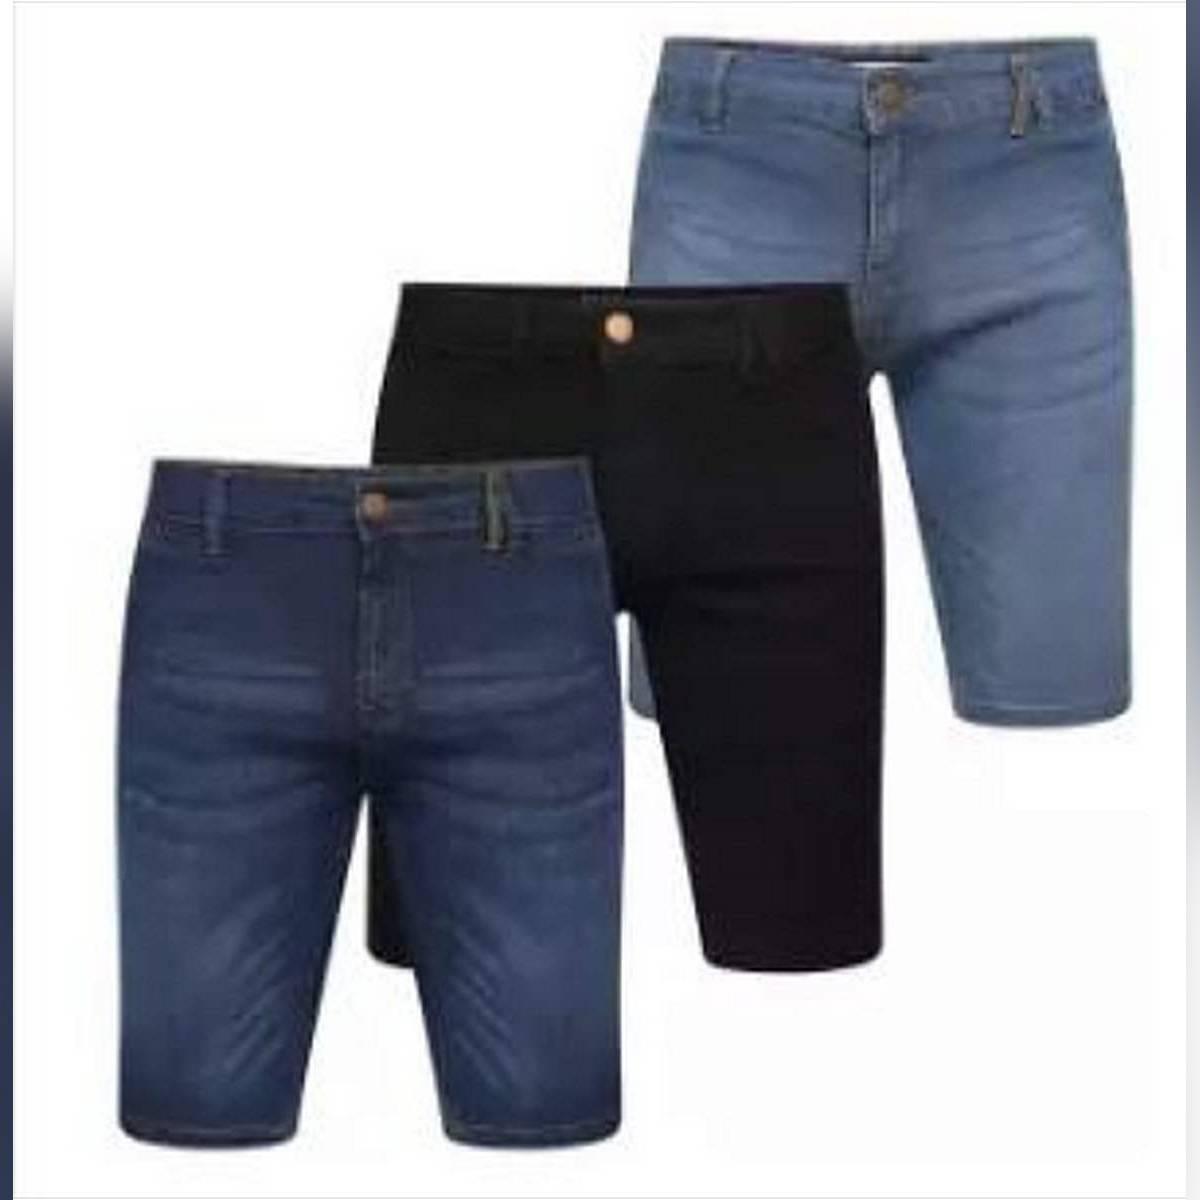 Pack Of 3 New Style Denim Shorts Men's